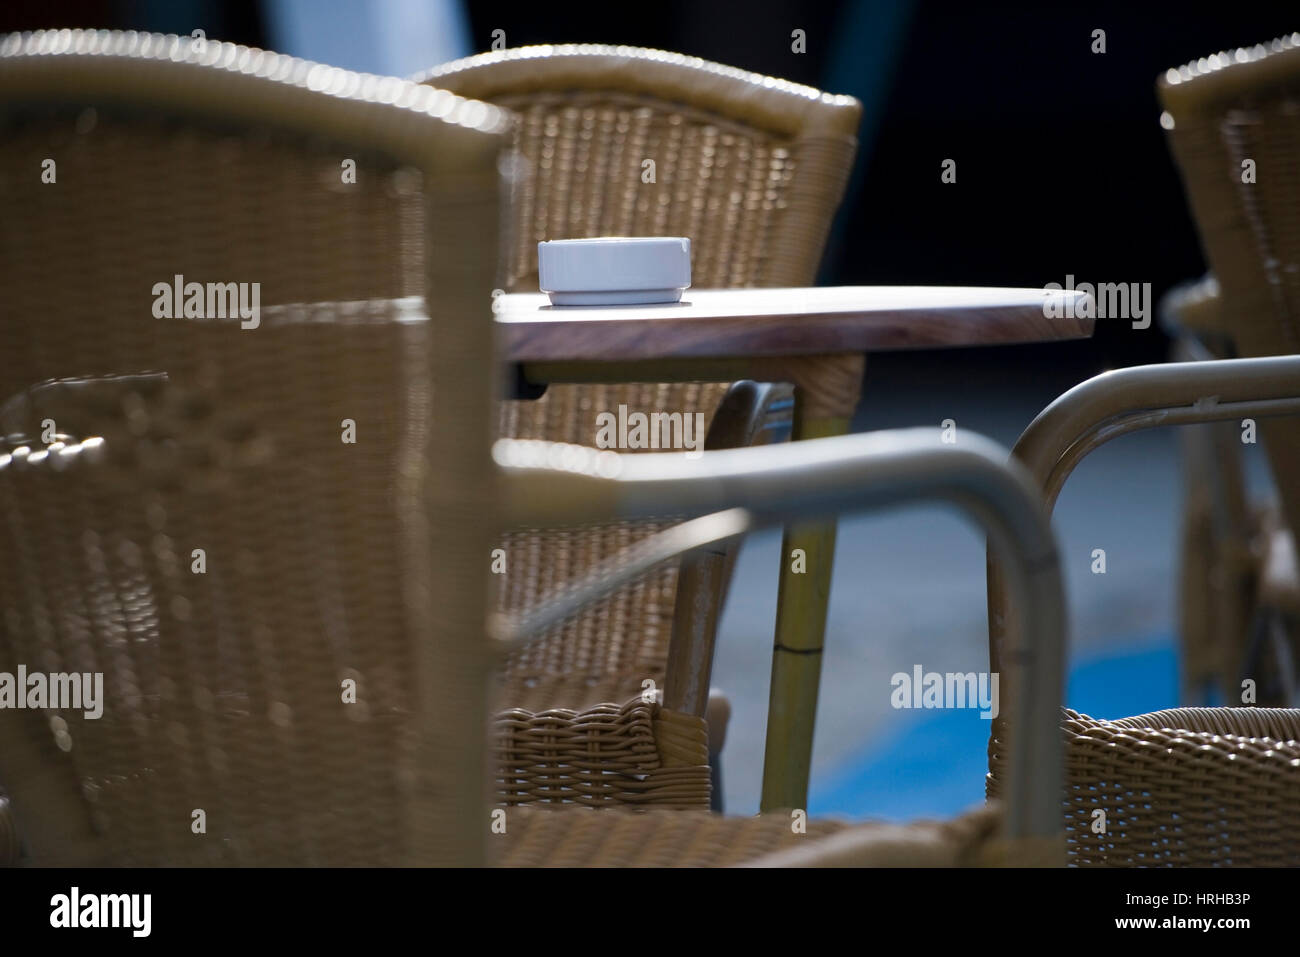 Bistrotisch mit Aschenbecher - pub garden Stock Photo